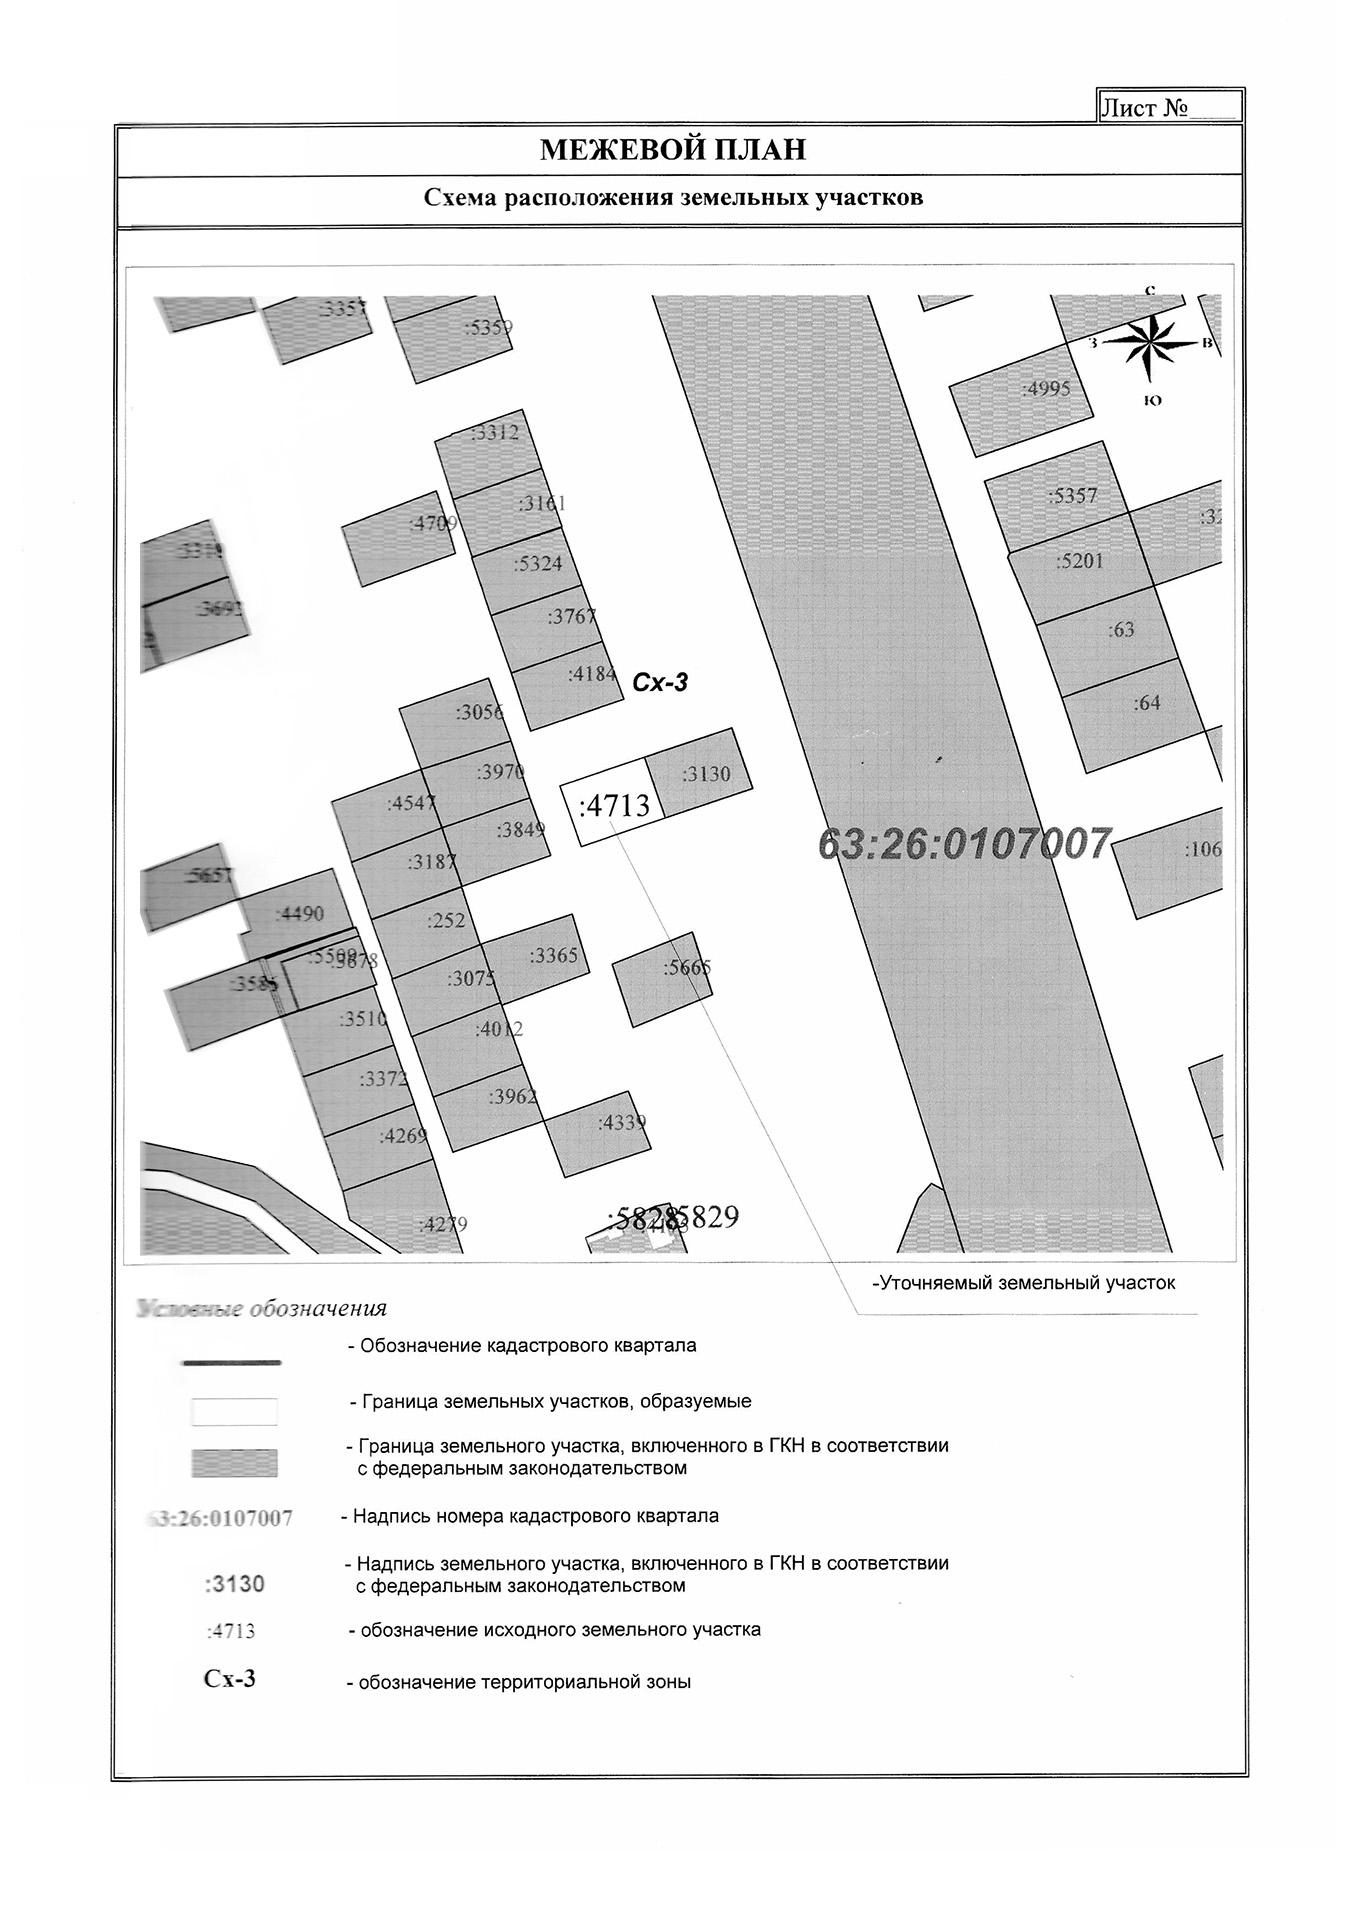 Межевой план для суда идентифицирует участок, который необходимо оформить в собственность